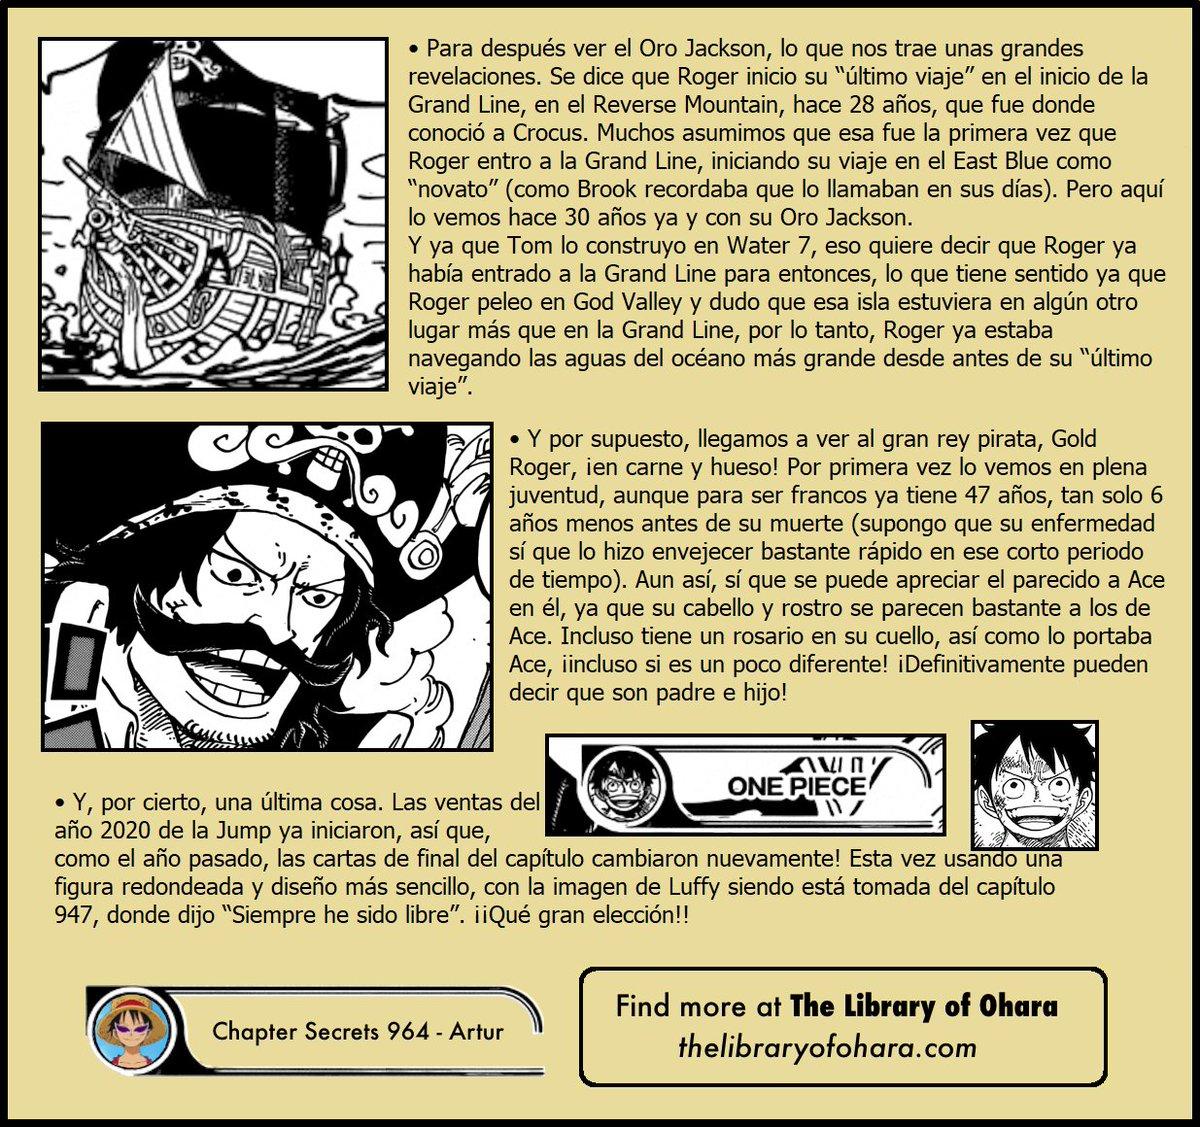 Secretos & Curiosidades - One Piece Manga 964 08